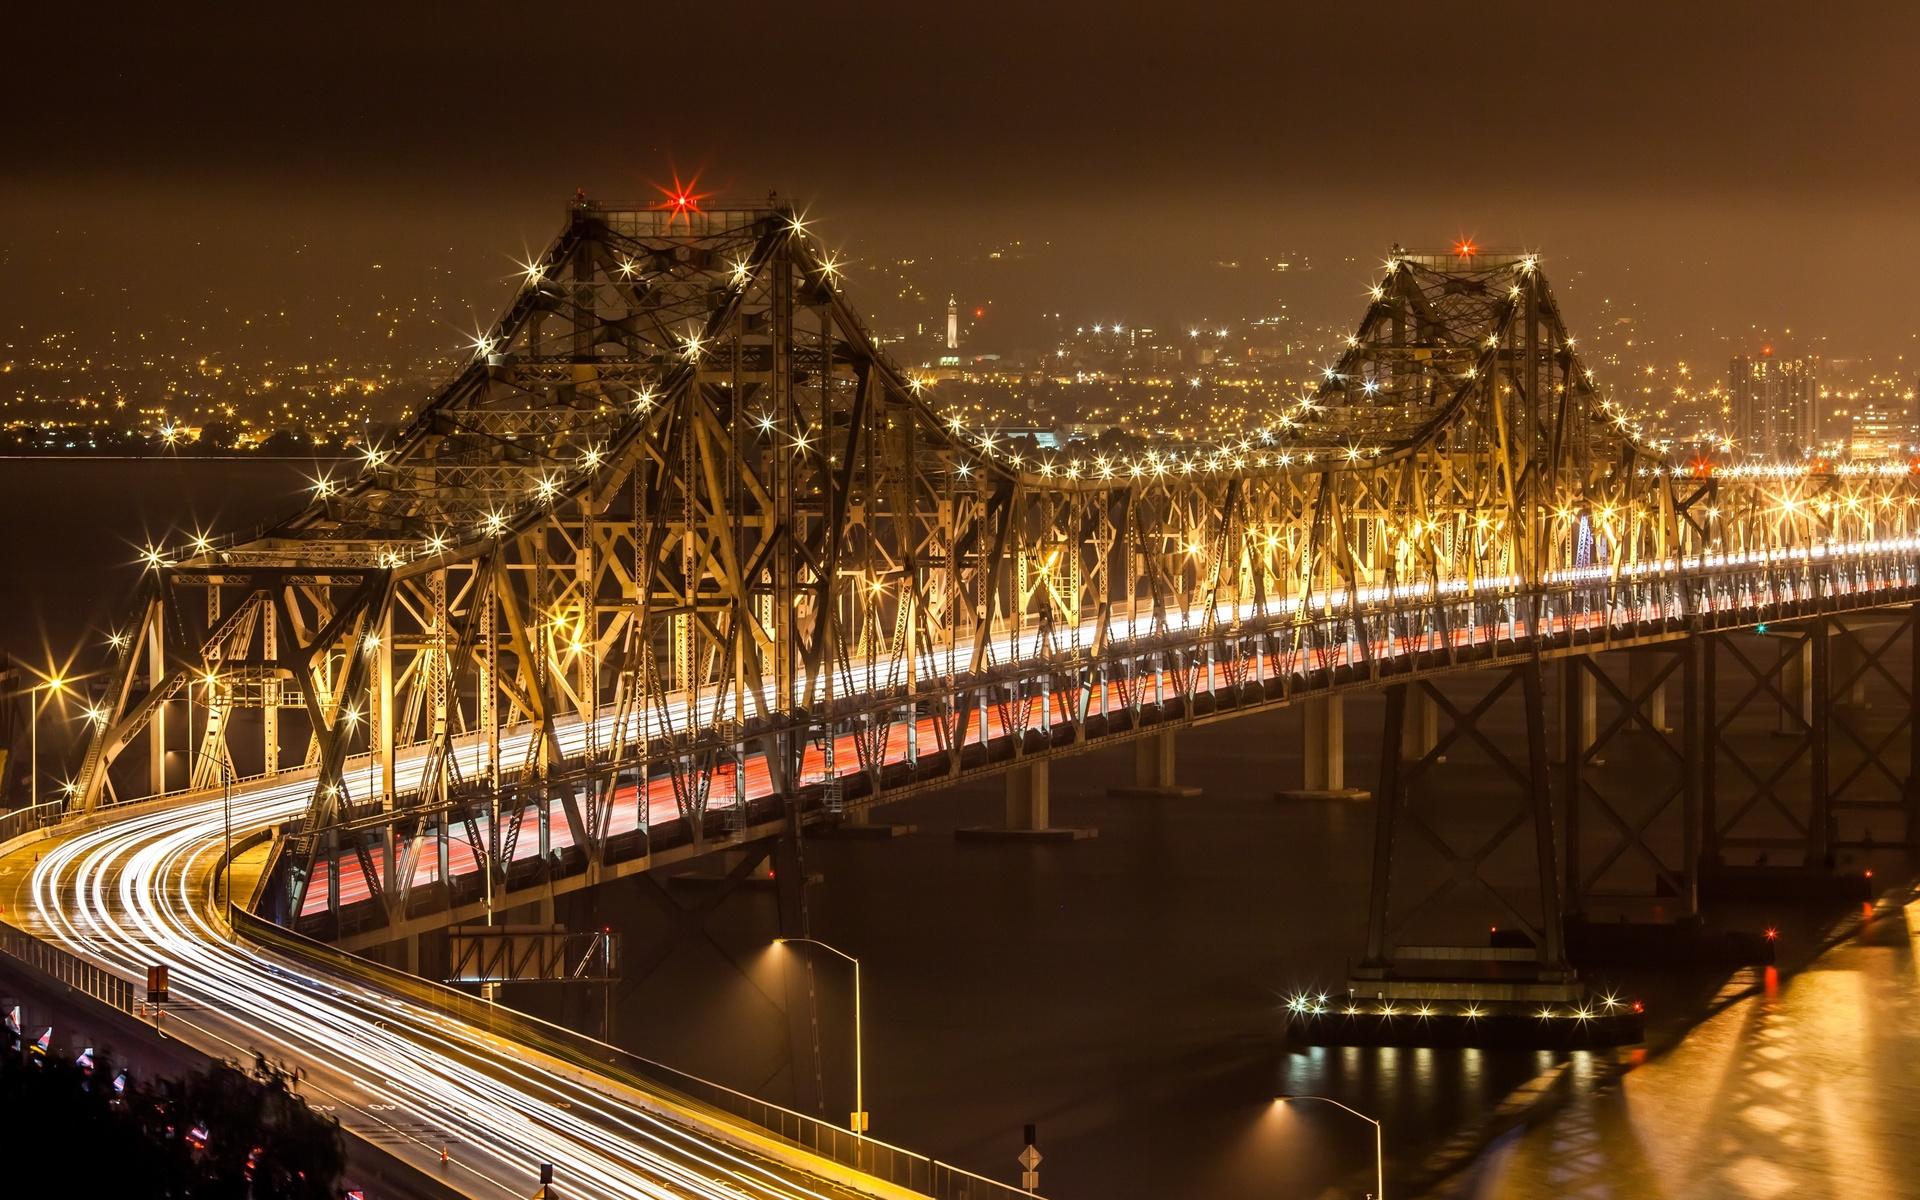 Картинки ночных мостов